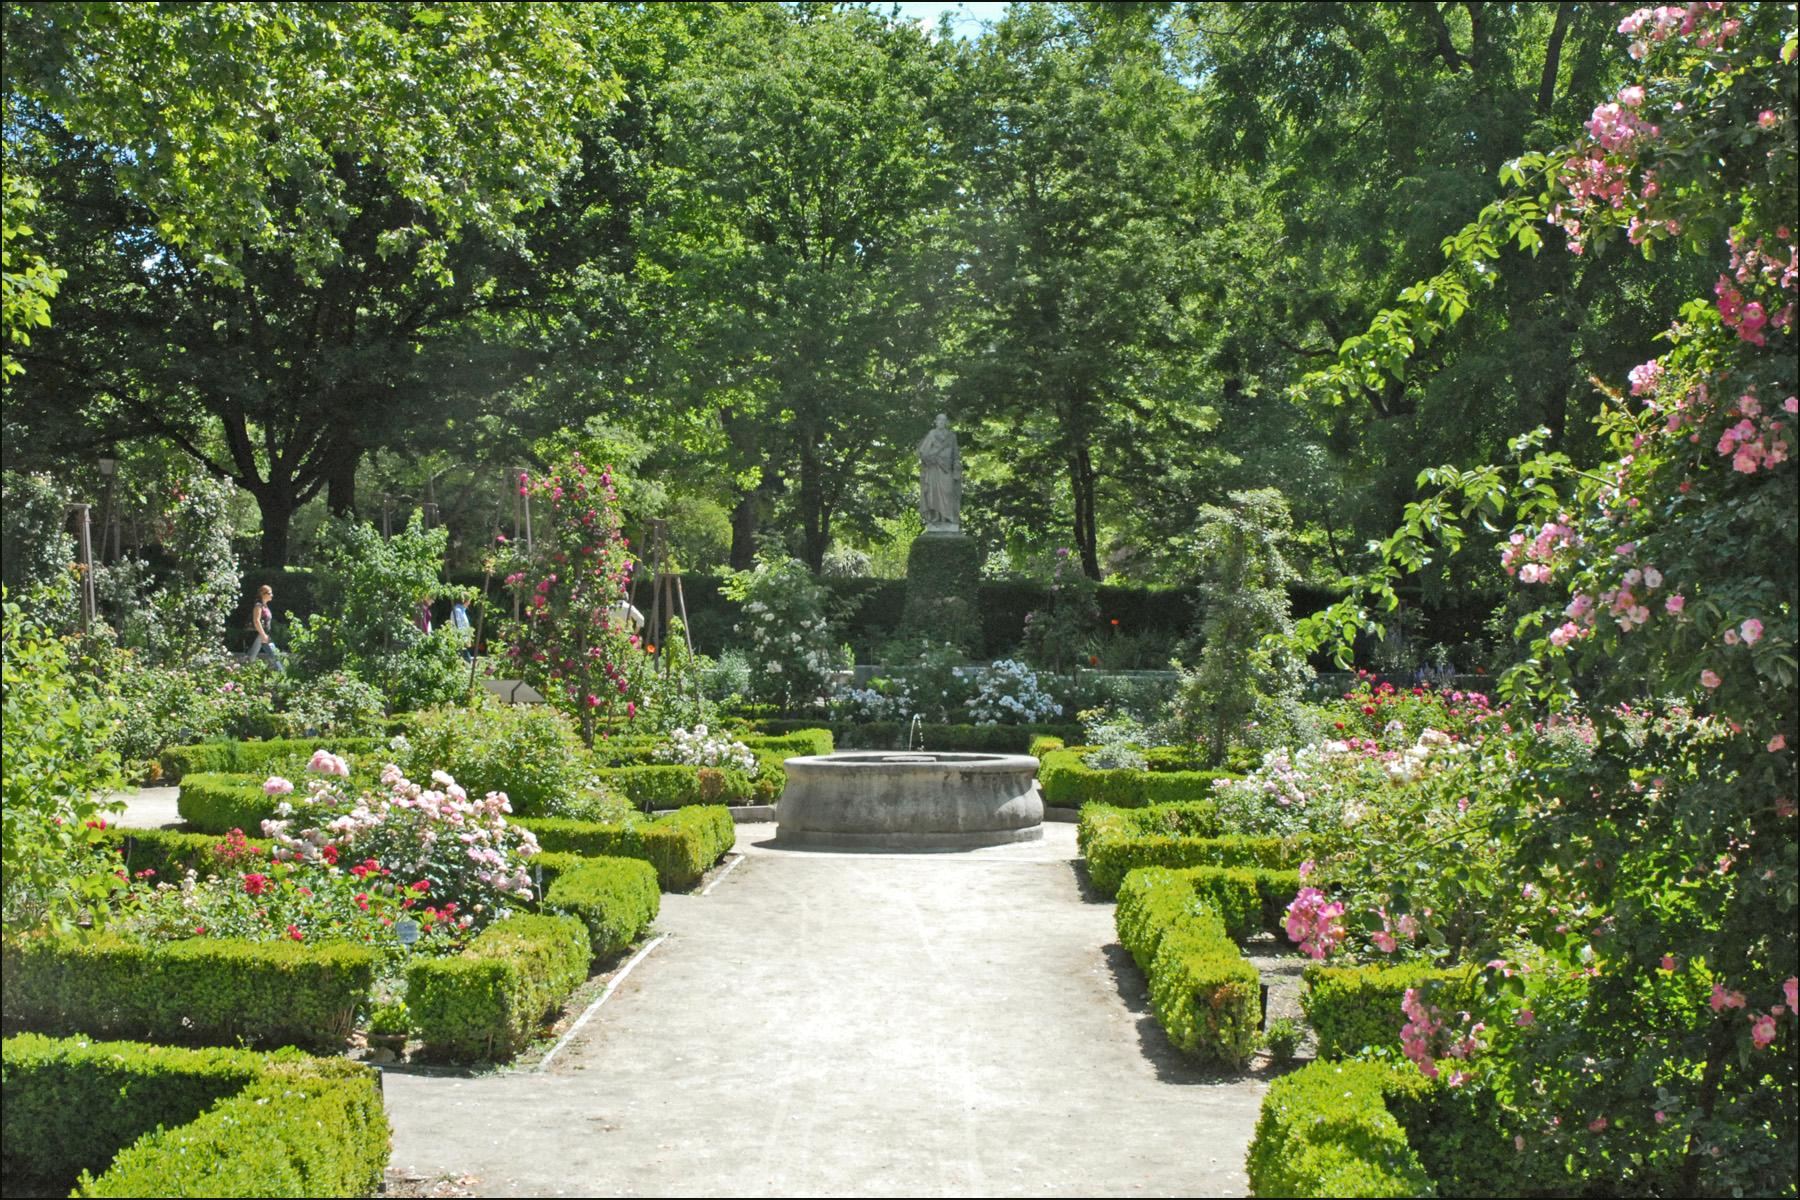 Kraliyet Botanik Bahçesi: